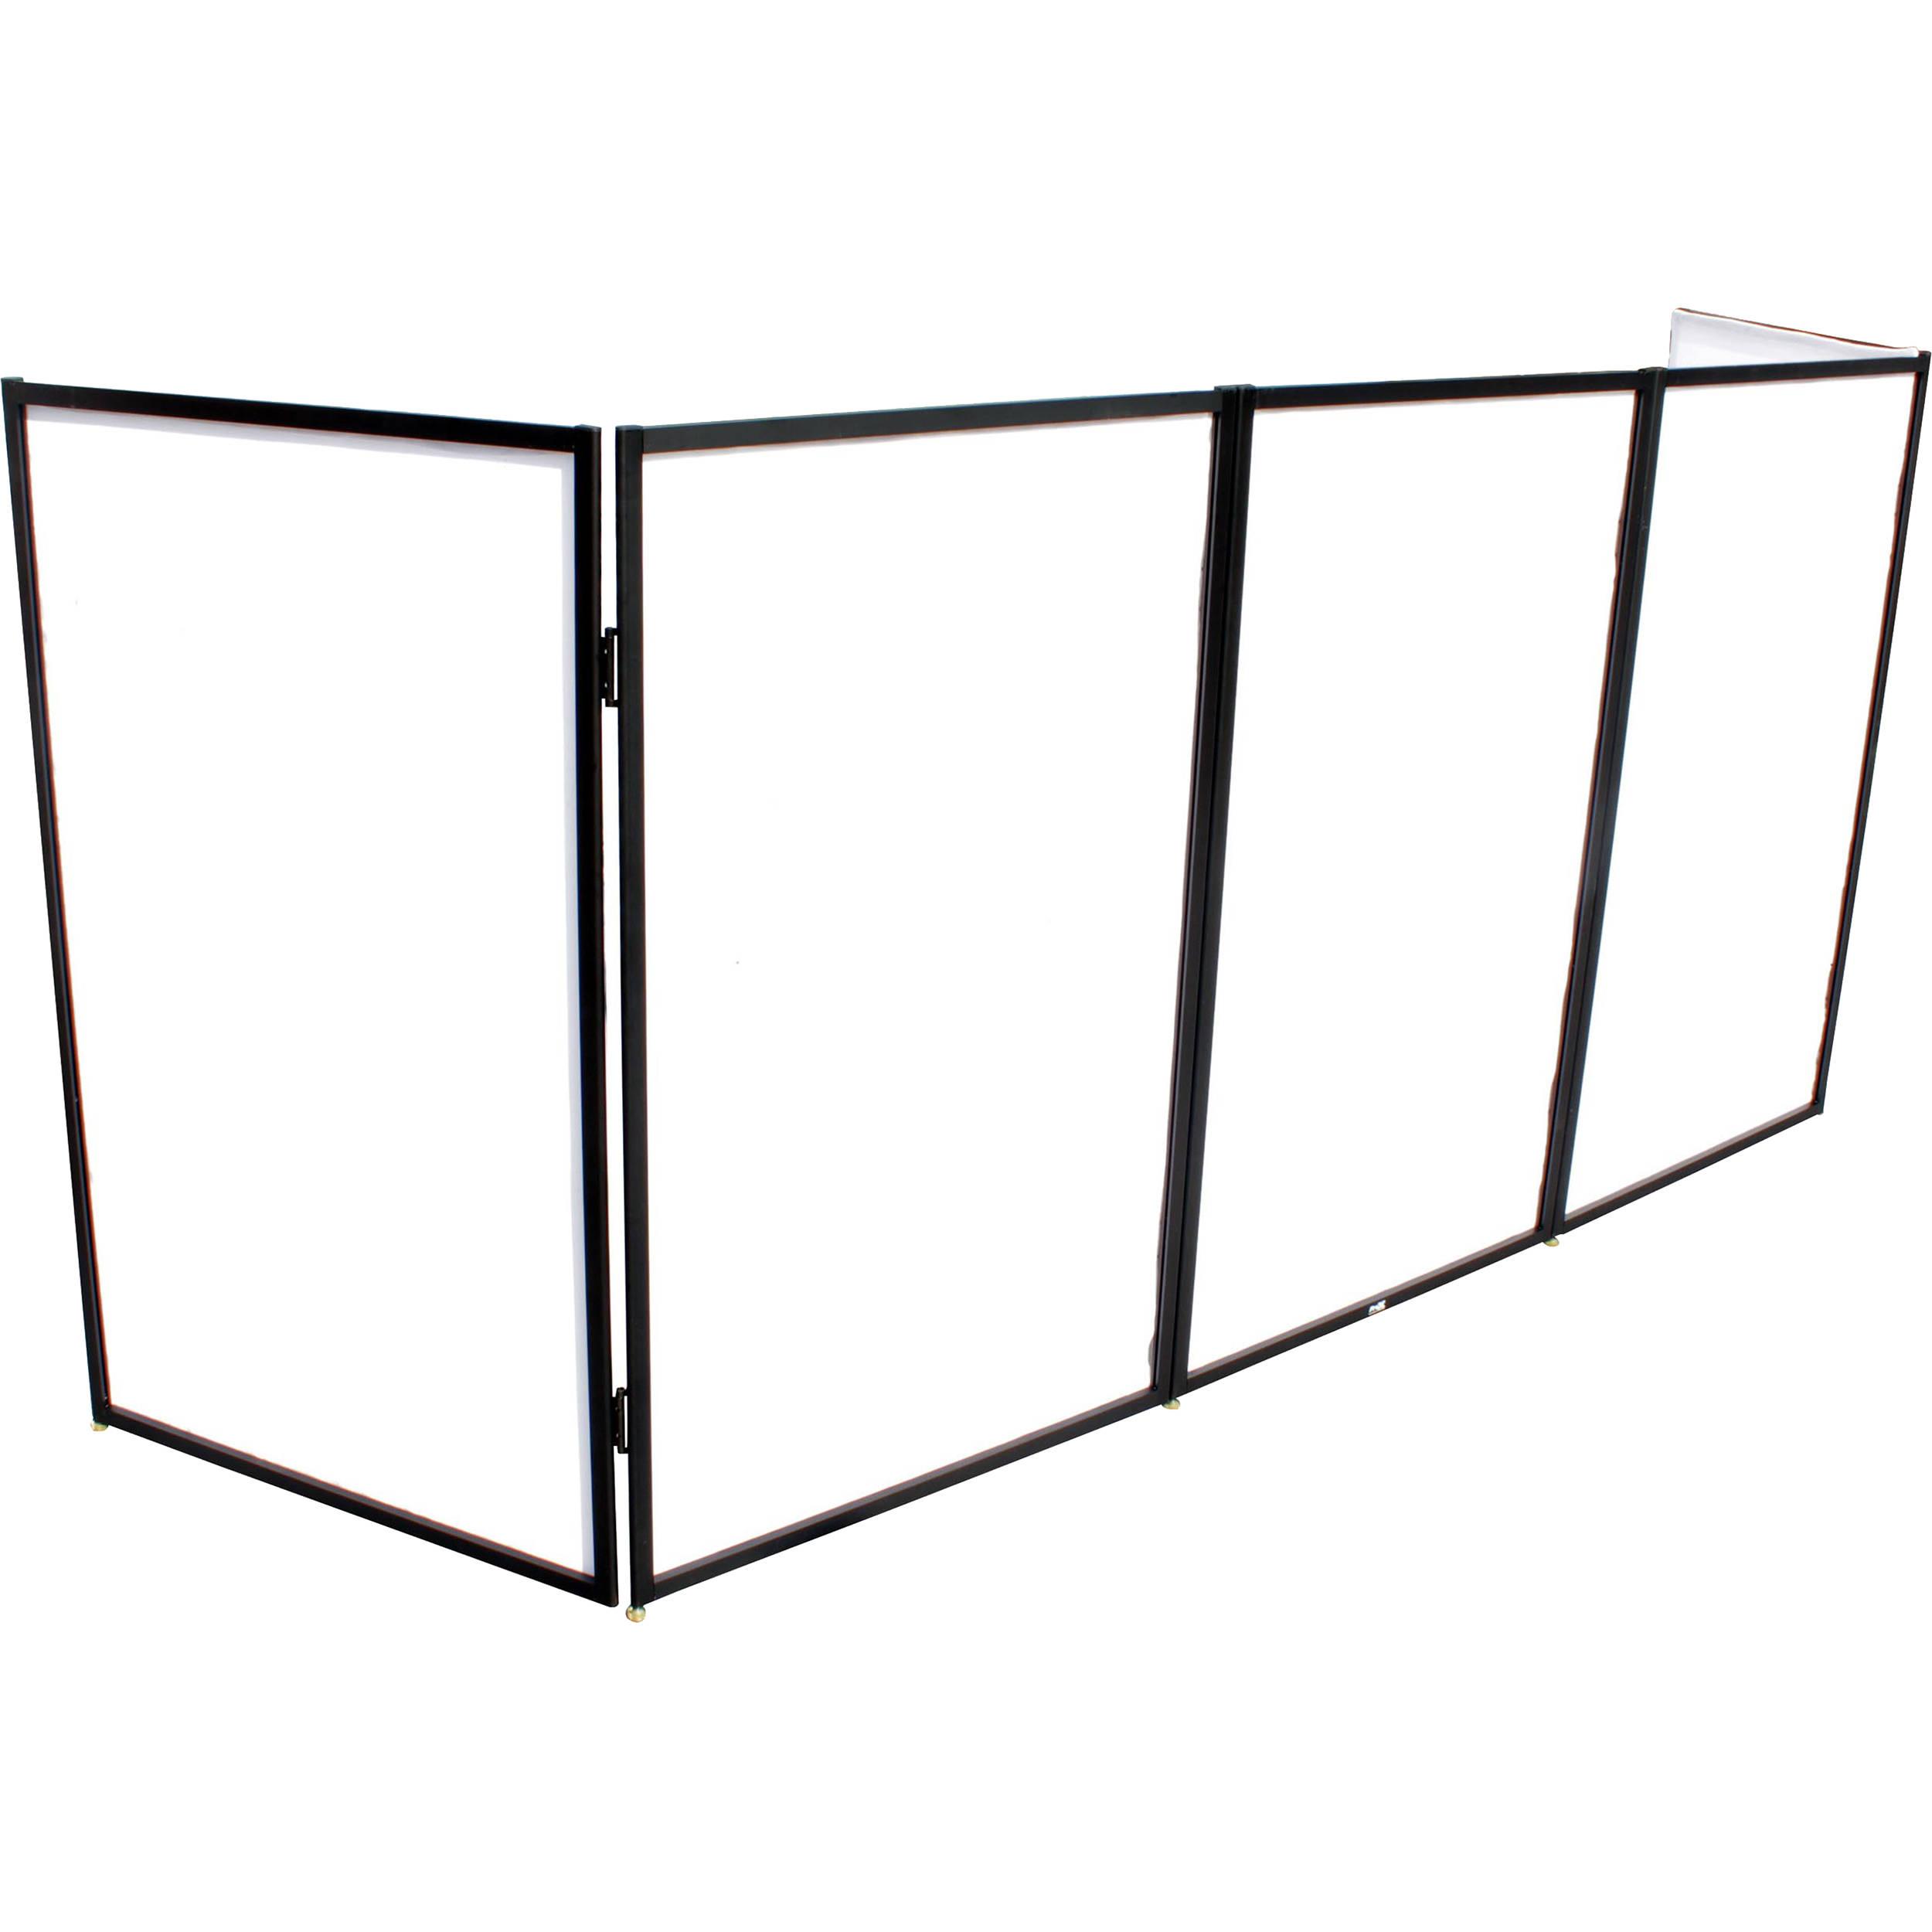 prox_xf_5x3048b_5_panels_pro_dj_1396442-1.jpg